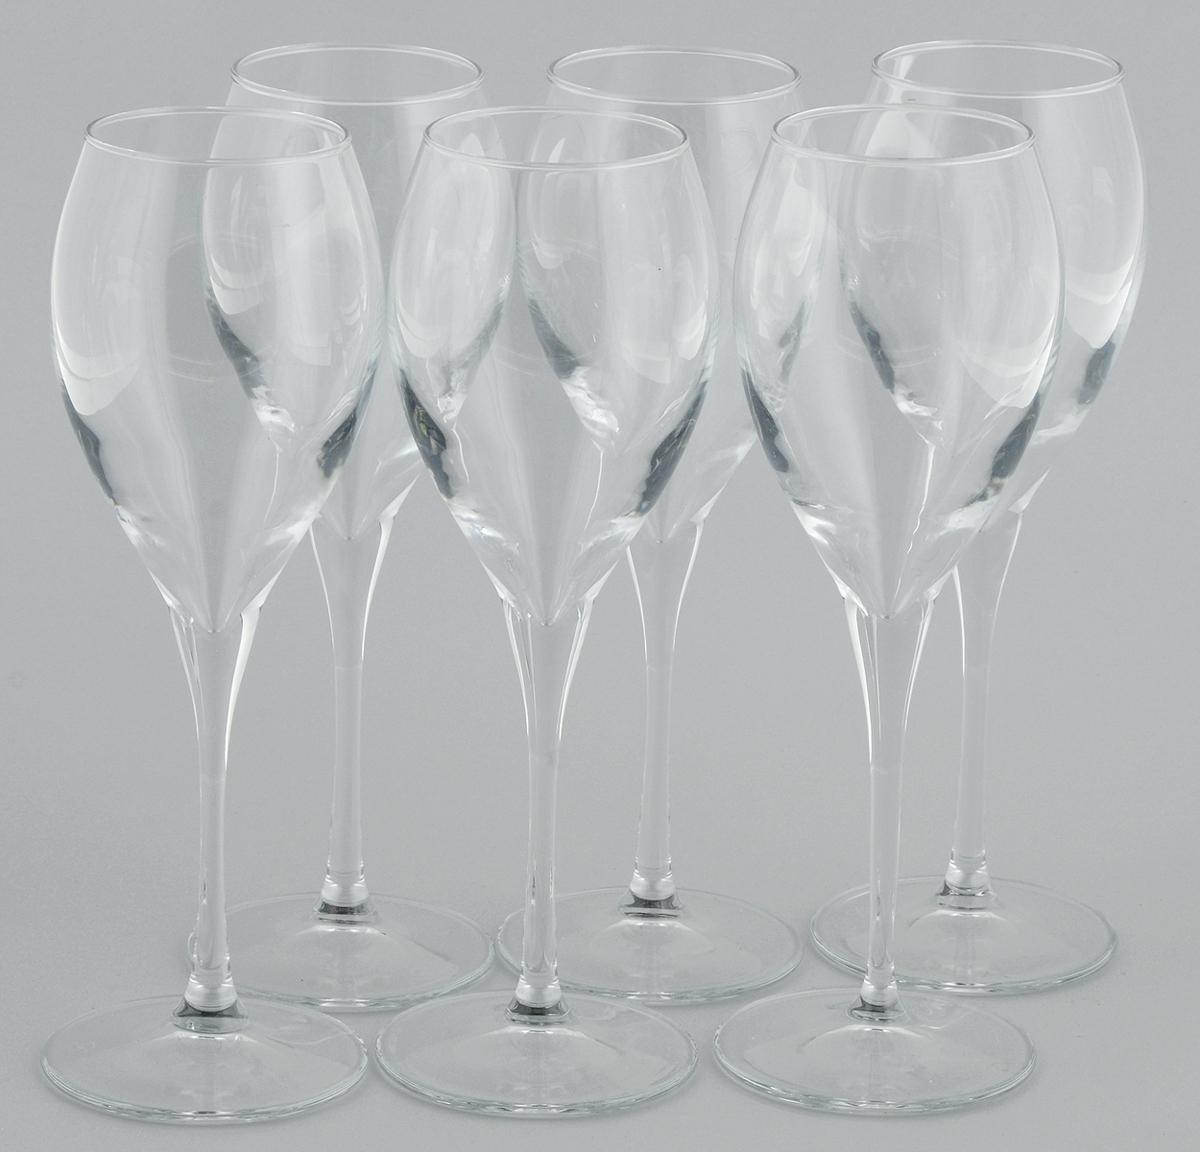 Набор бокалов для вина Pasabahce Monte Carlo, 325 мл, 6 штVT-1520(SR)Набор Pasabahce Monte Carlo состоит из шести бокалов, выполненных из прочного натрий-кальций-силикатного стекла. Изделия оснащены высокими ножками и предназначены для подачи вина. Они сочетают в себе элегантный дизайн и функциональность. Набор бокалов Pasabahce Monte Carlo прекрасно оформит праздничный стол и создаст приятную атмосферу за романтическим ужином. Такой набор также станет хорошим подарком к любому случаю.